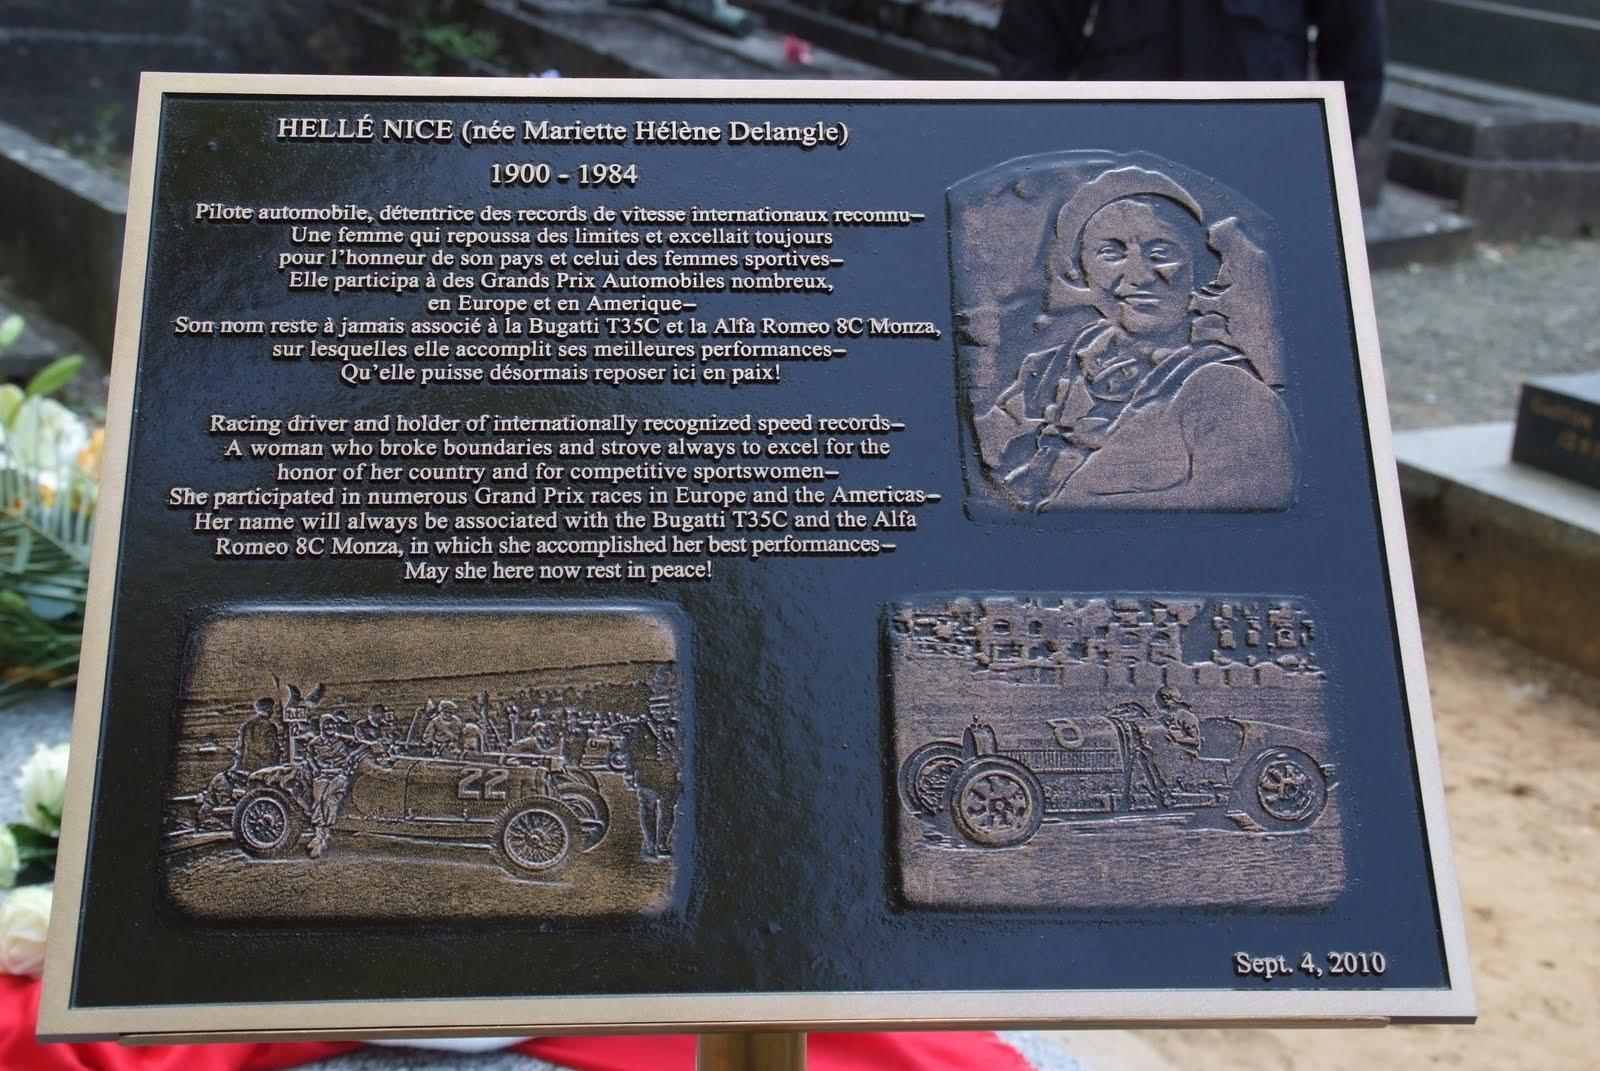 Placa de la fundación Helle Nice